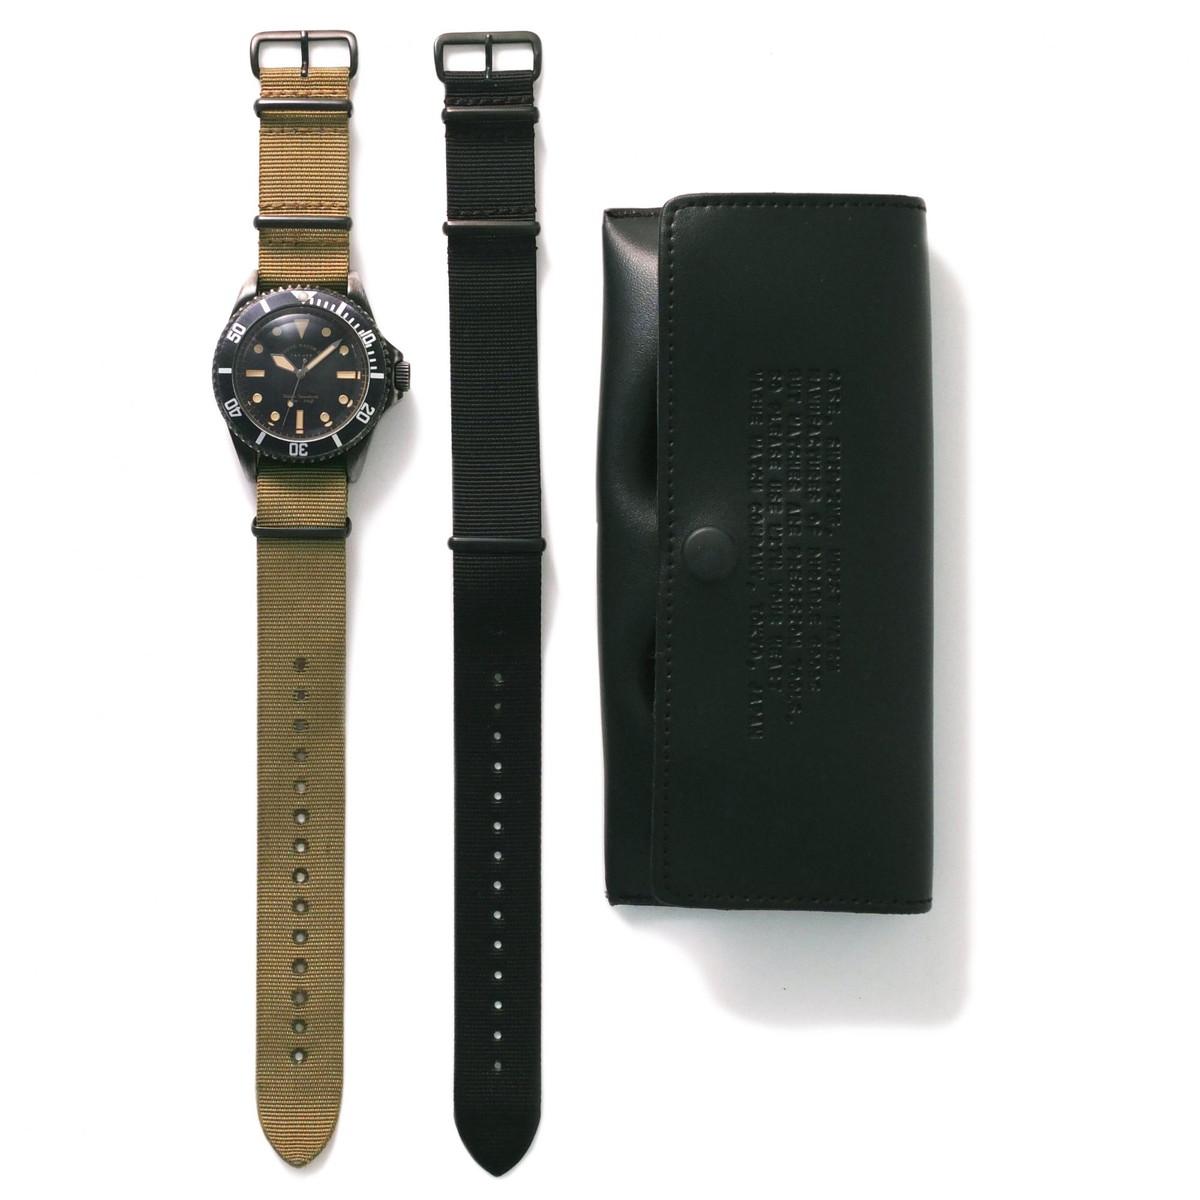 VAGUE WATCH ヴァーグ ウォッチ - VAGUE WATCH BLK SUB 腕時計